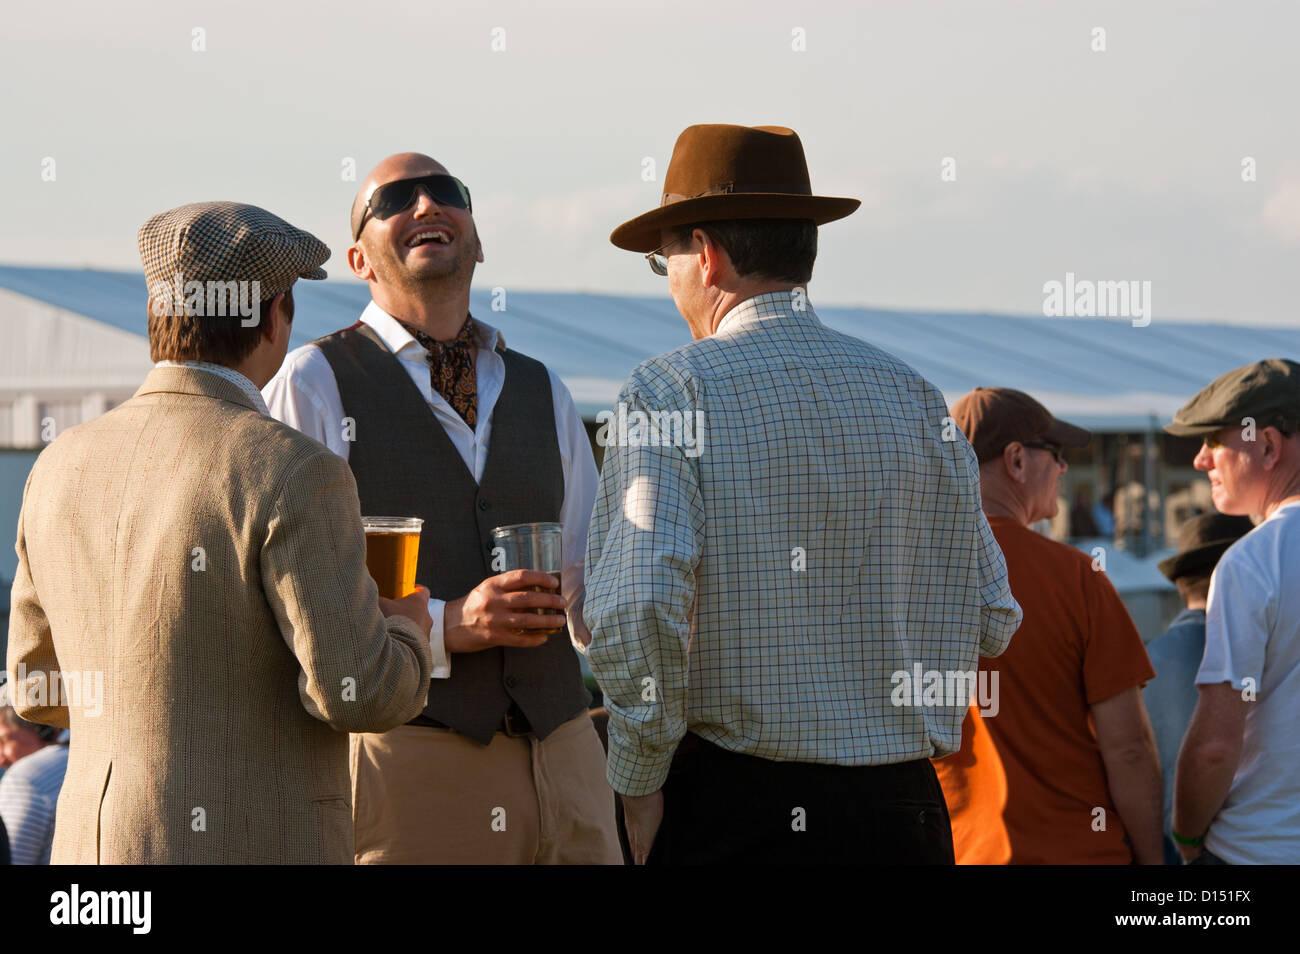 drei glückliche fröhliche Männer gekleidet in Vintage-Kleidung genießen ein Bier und ein Lachen Stockbild